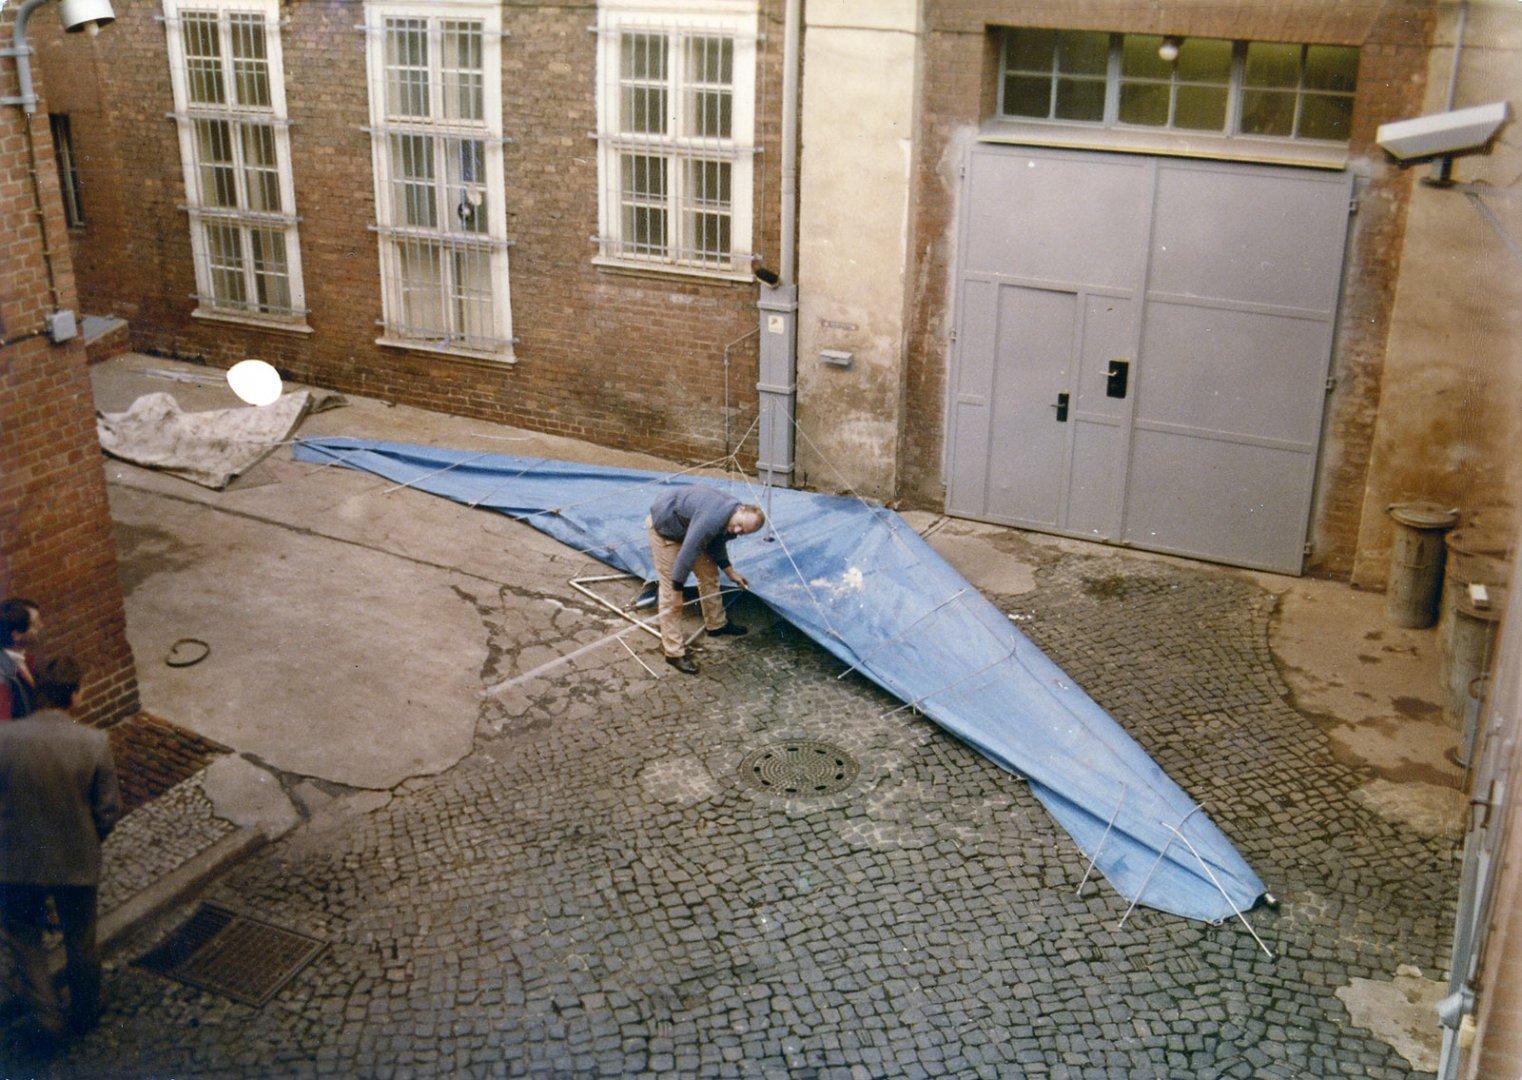 bildergalerie gescheiterte flucht mit einem drachen fluggleiter chronik der mauer. Black Bedroom Furniture Sets. Home Design Ideas